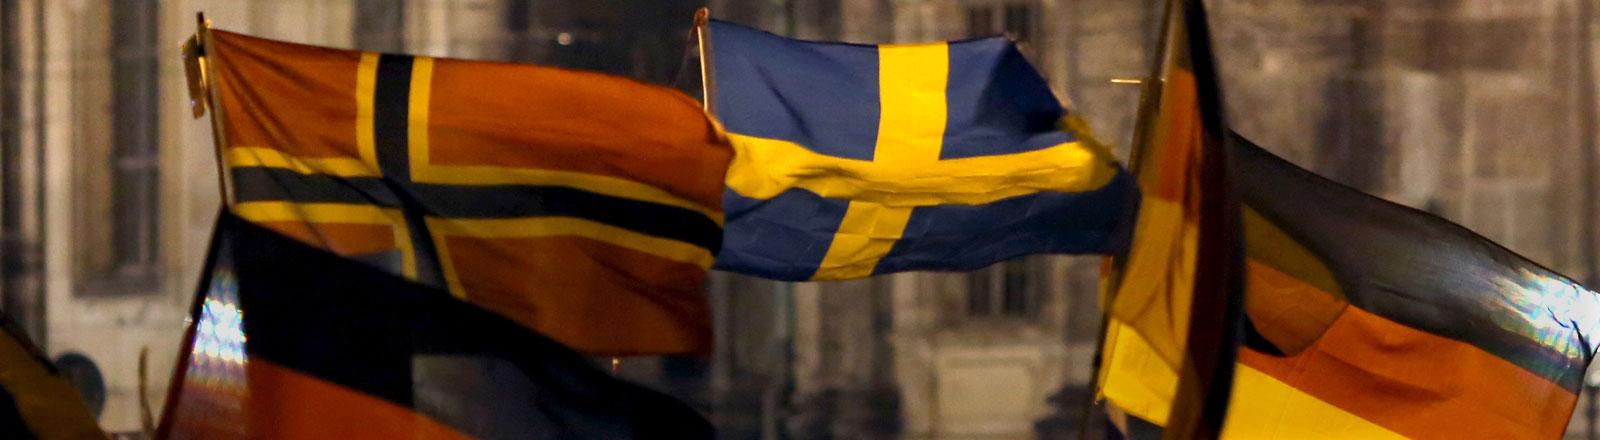 Anhänger des «Pegida»-Bündnisses (Patriotische Europäer gegen die Islamisierung des Abendlandes) demonstrieren am 22.12.2014 in Dresden (Sachsen) gegen die angebliche Überfremdung durch Flüchtlinge und schwenken Deutschlandfahnen. Auch eine norwegische und eine schwedische Flagge sind zu sehen.